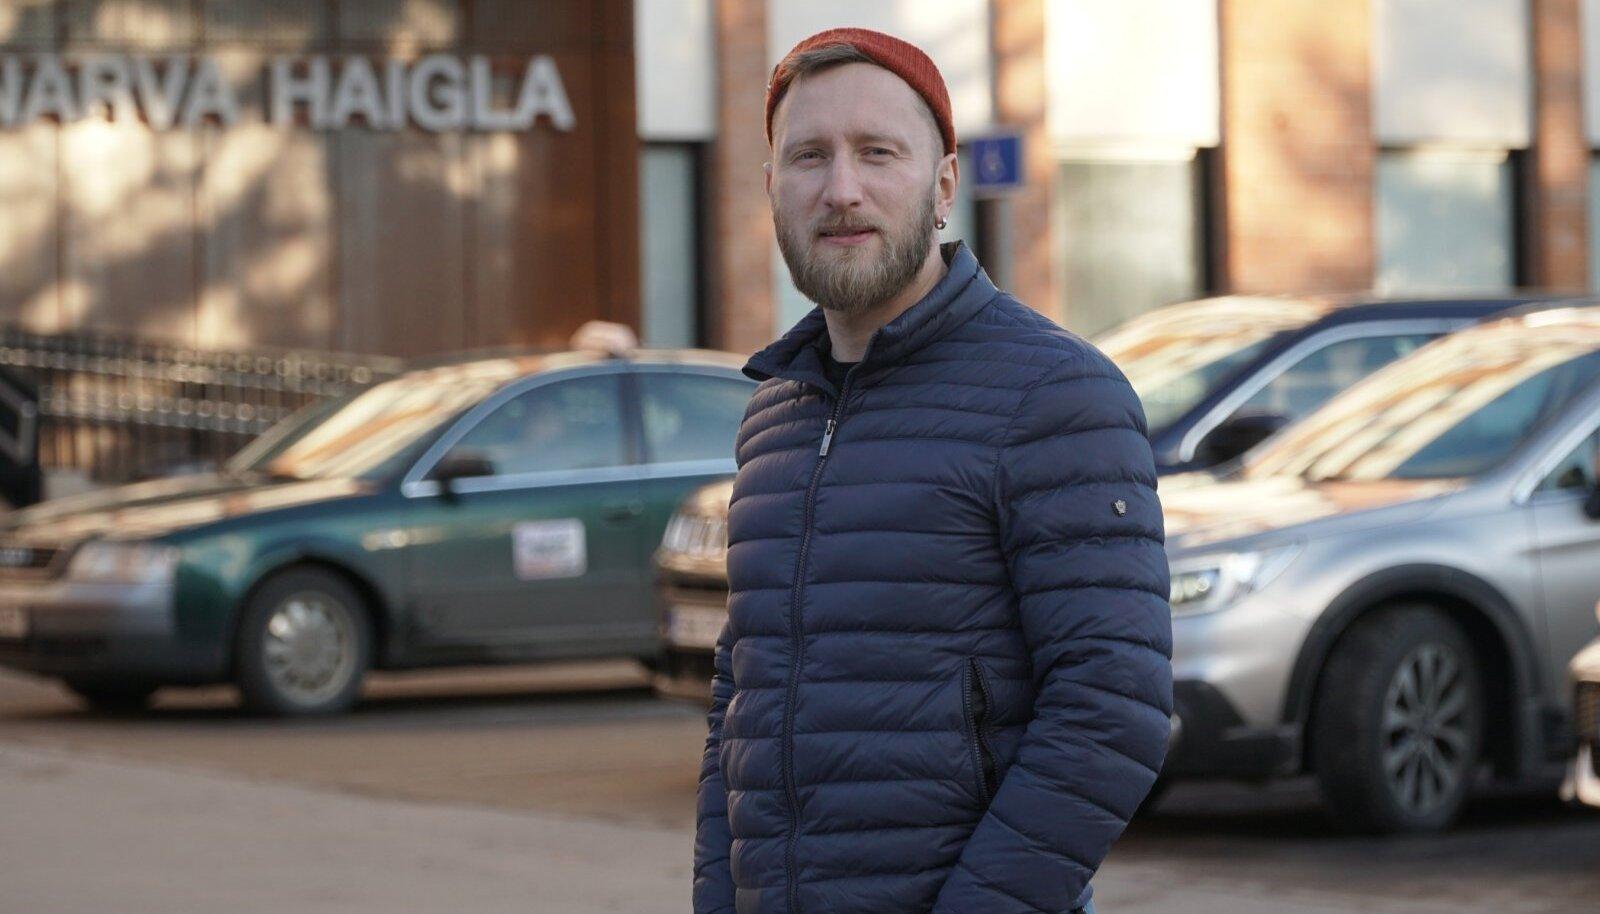 Kirill Smirnov nakatus kümme päeva pärast haiglast väljasaamist uuesti koroonasse.